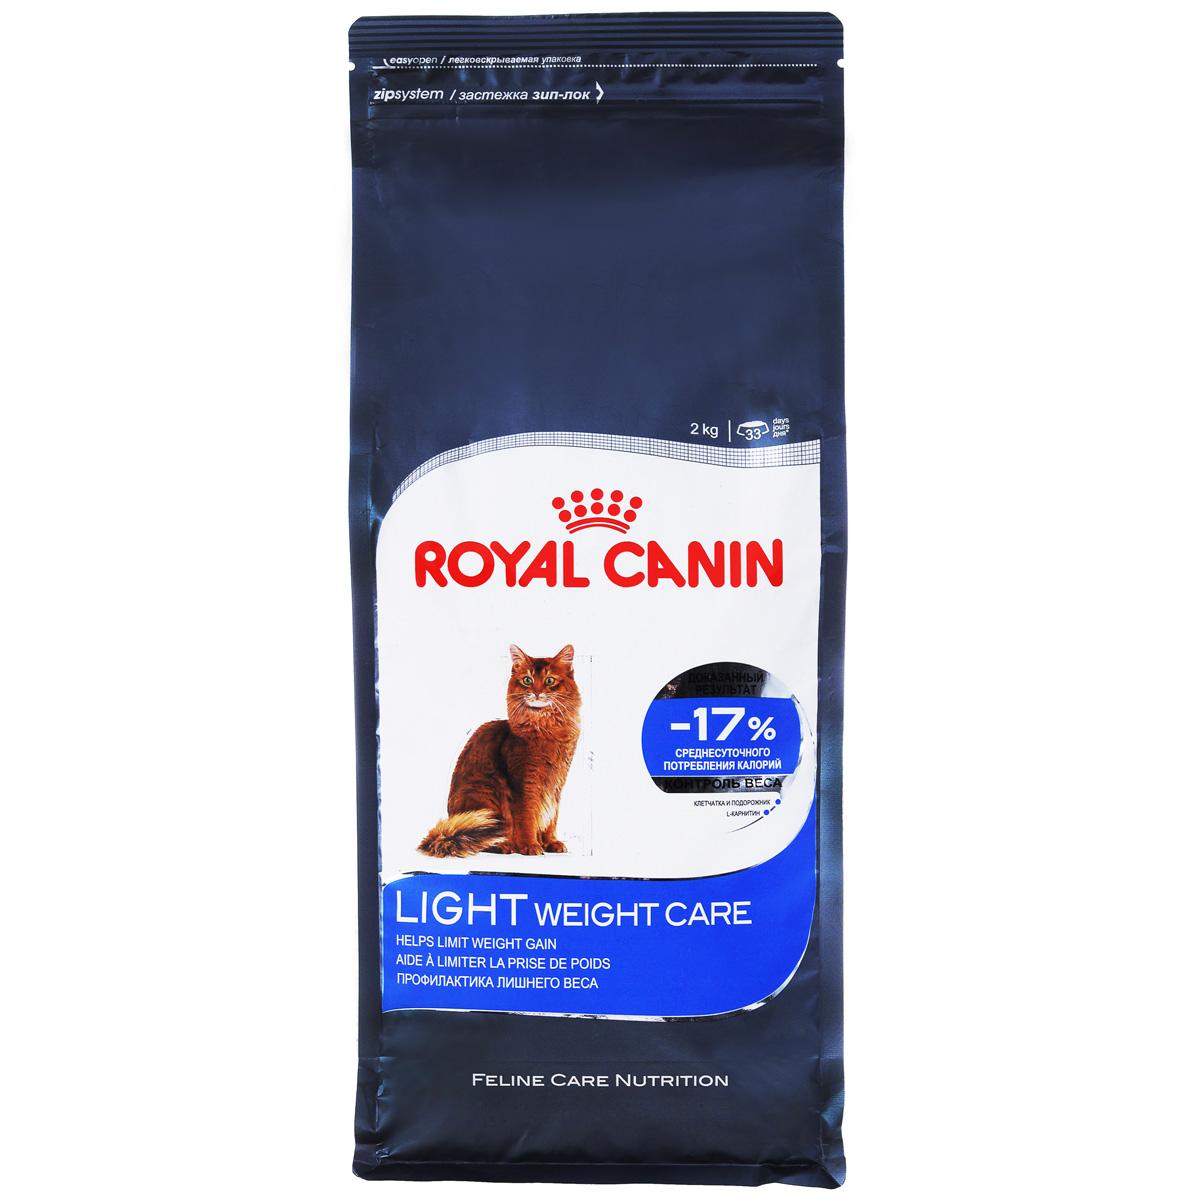 Корм сухой Royal Canin Light Weight Care, для взрослых кошек в целях профилактики избыточного веса, 2 кг58034Сухой корм Royal Canin Light Weight Care является полнорационным сбалансированным кормом для взрослых кошек, склонных к избыточному весу. Содержание клетчатки и подорожника позволяет на 17% снизить калории, получаемые кошкой, при этом полностью удовлетворяя ее аппетит. Высокое содержание белка помогает сохранять мышечную массу, а L-карнитин способствует сжиганию жиров.Состав: изолят растительных белков, дегидратированные белки животного происхождения (птица), злаки, растительная клетчатка, рис, гидролизат белков животного происхождения, животные жиры, минеральные вещества, свекольный жом, дрожжи, рыбий жир, оболочки и семена подорожника 0,5%, соевое масло.Добавки в 1 кг: витамин А 19100 МЕ, витамин D3 700 МЕ, железо 32 мг, йод 3,2 мг, марганец 42 мг, цинк 126 мг, селен 0,05 мг, L-карнитин 210 мг, сорбат калия, пропилгаллат, БГА.Содержание питательных веществ: белки 40%, жиры 10%, минеральные вещества 7,4%, клетчатка пищевая 8,4%, общая клетчатка 15,8%, медь 15 мг/кг.Товар сертифицирован.Уважаемые клиенты!Обращаем ваше внимание на возможные изменения в дизайне упаковки. Качественные характеристики товара остаются неизменными. Поставка осуществляется в зависимости от наличия на складе.